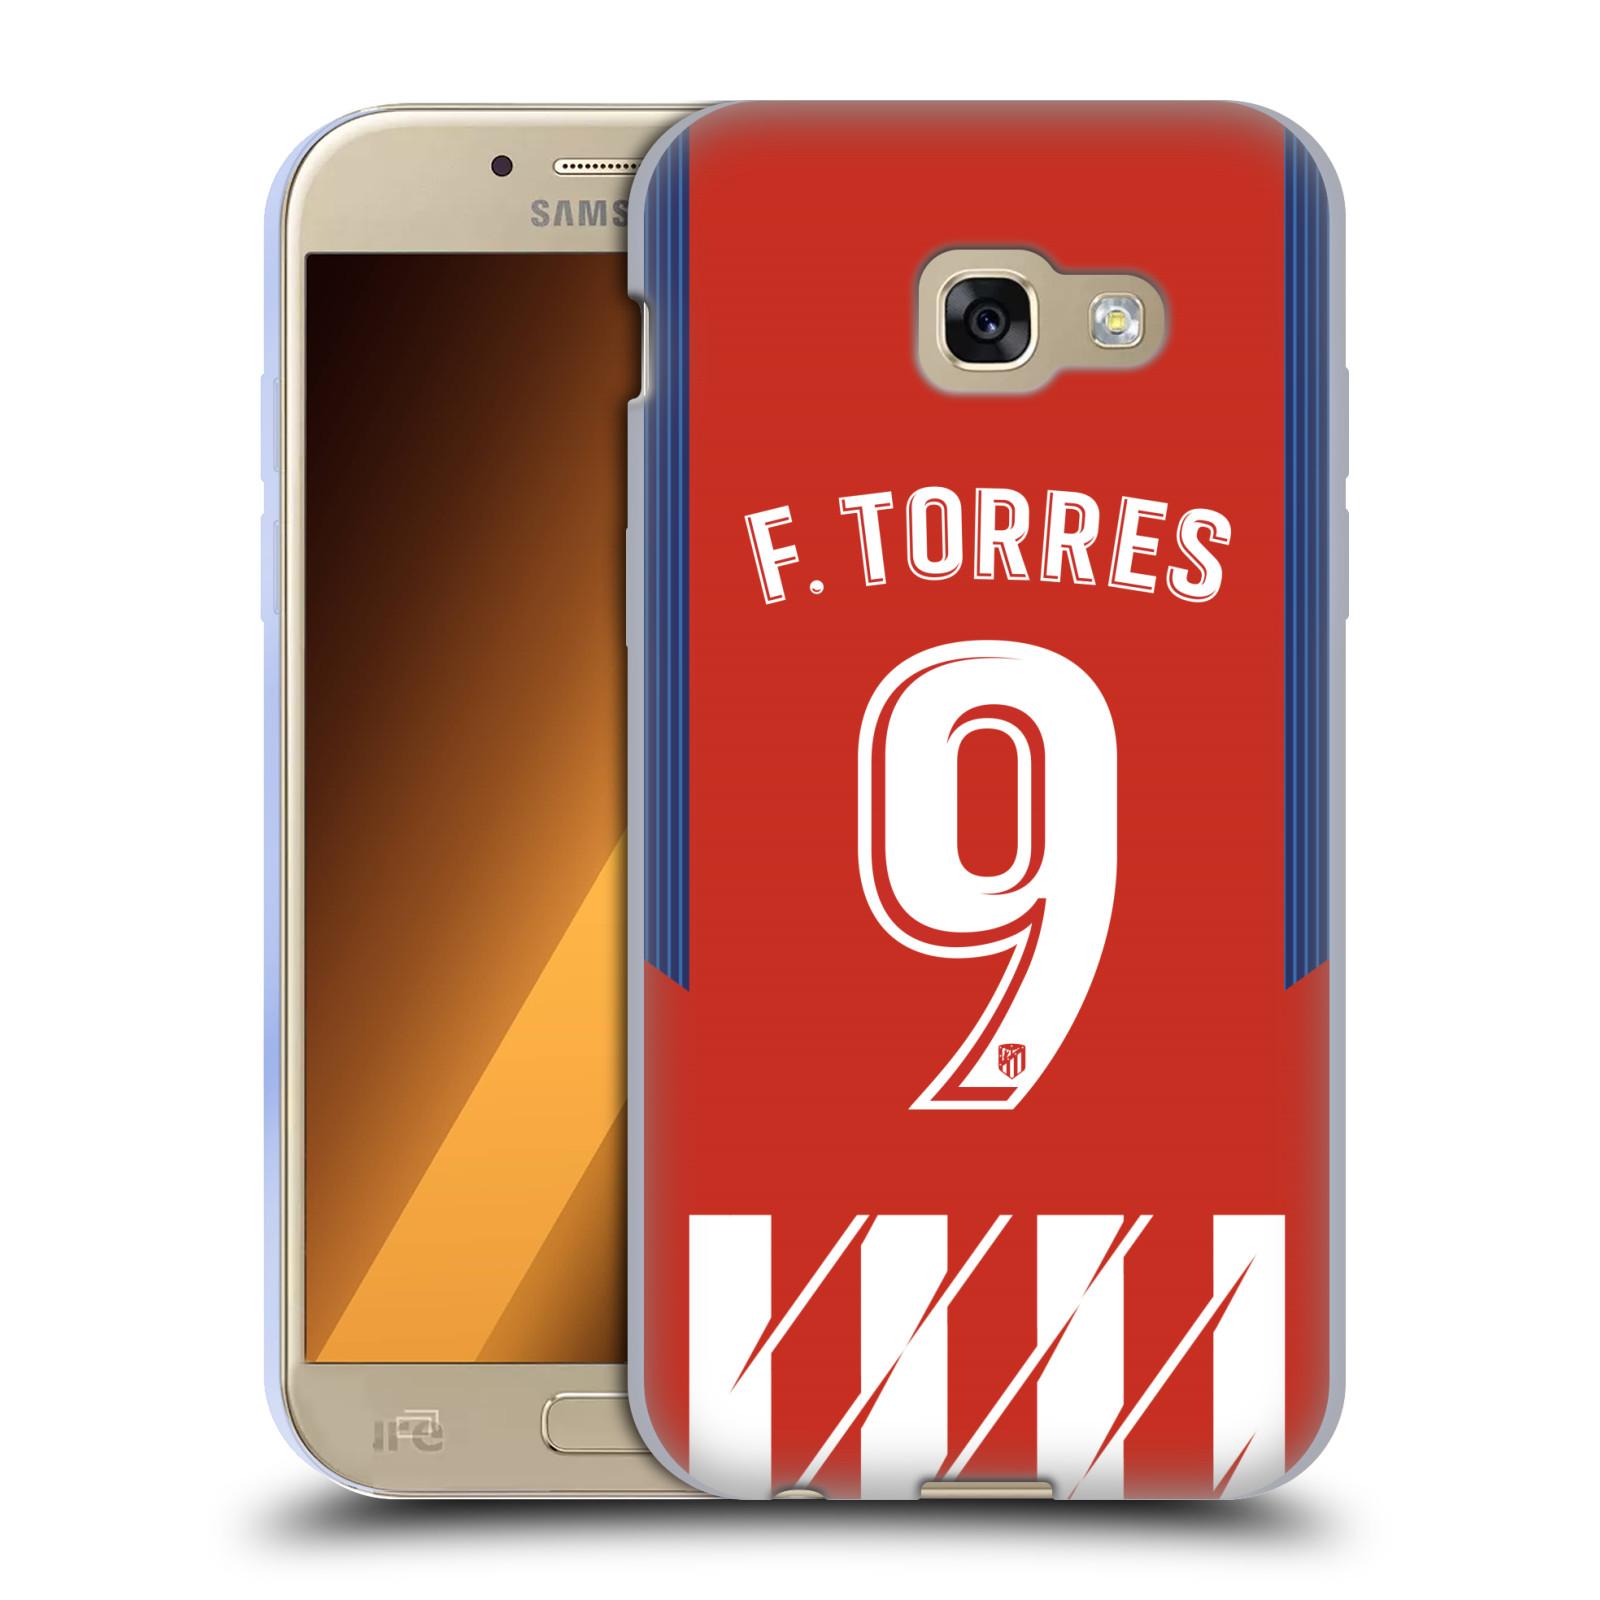 HEAD CASE silikonový obal na mobil Samsung Galaxy A5 2017 (A520) Fotbalový klub Atlético Madrid dres Fernando Torres